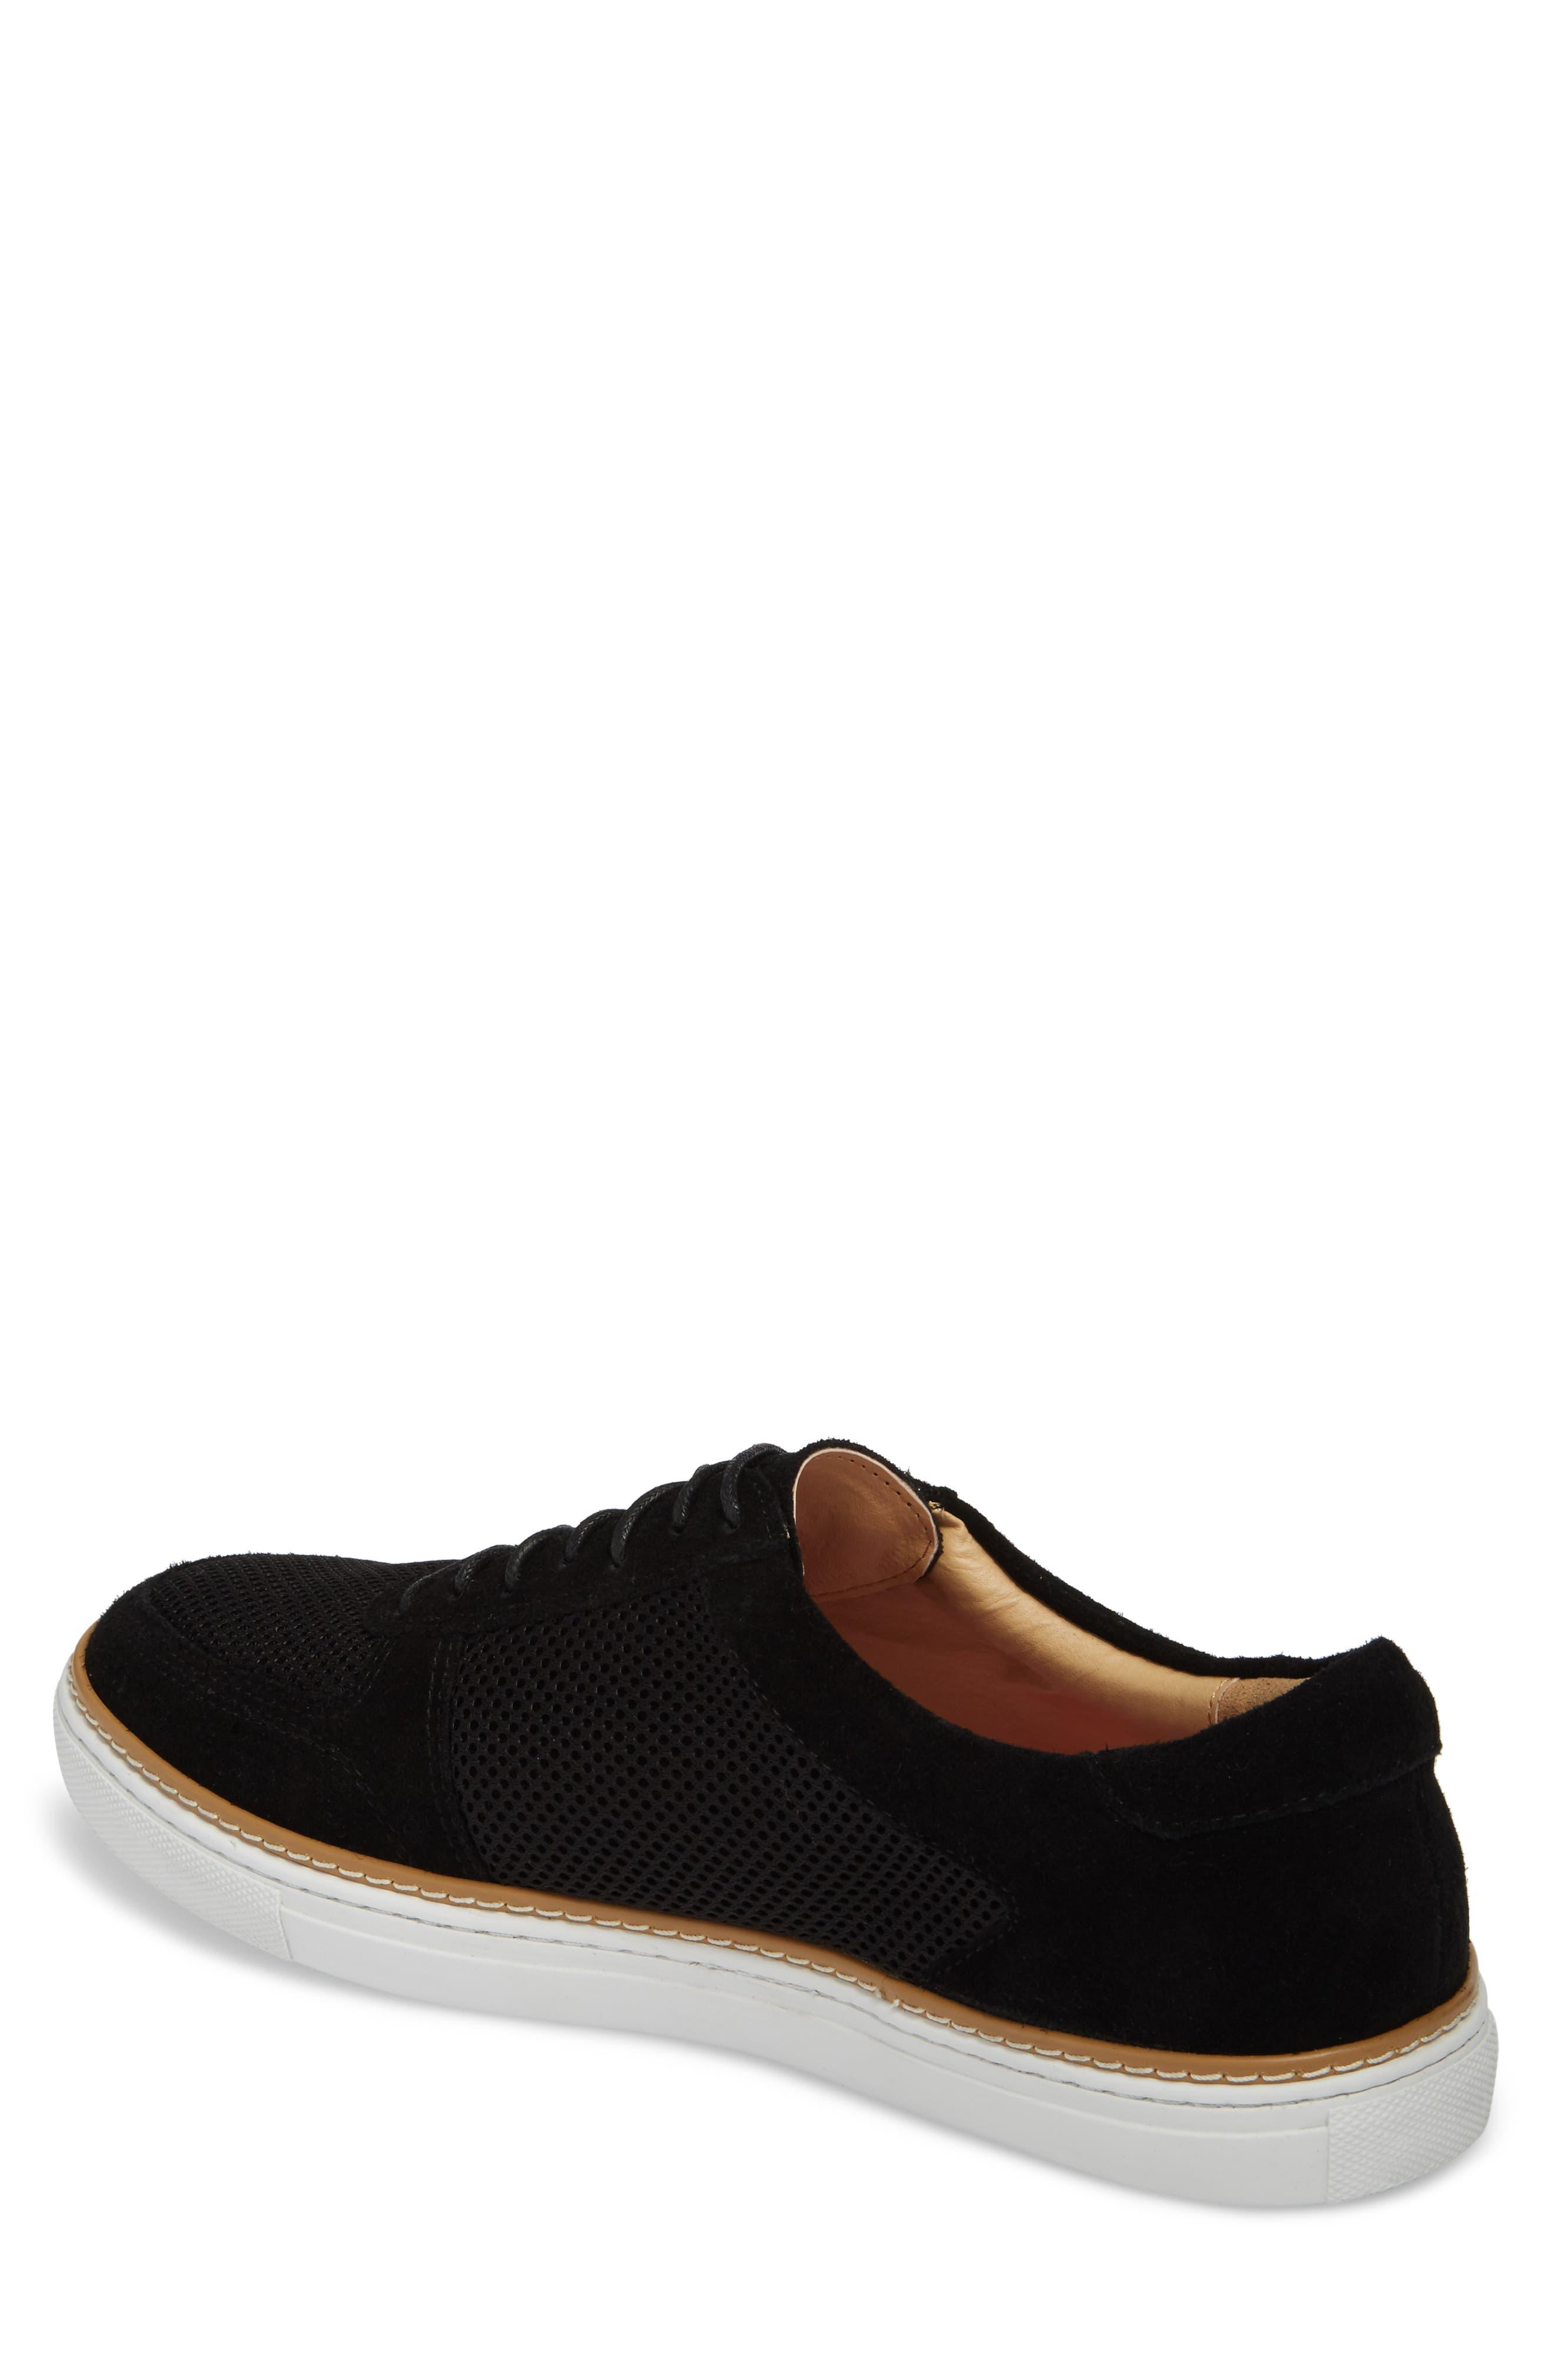 Landseer Mesh Sneaker,                             Alternate thumbnail 2, color,                             Black Suede/ Mesh